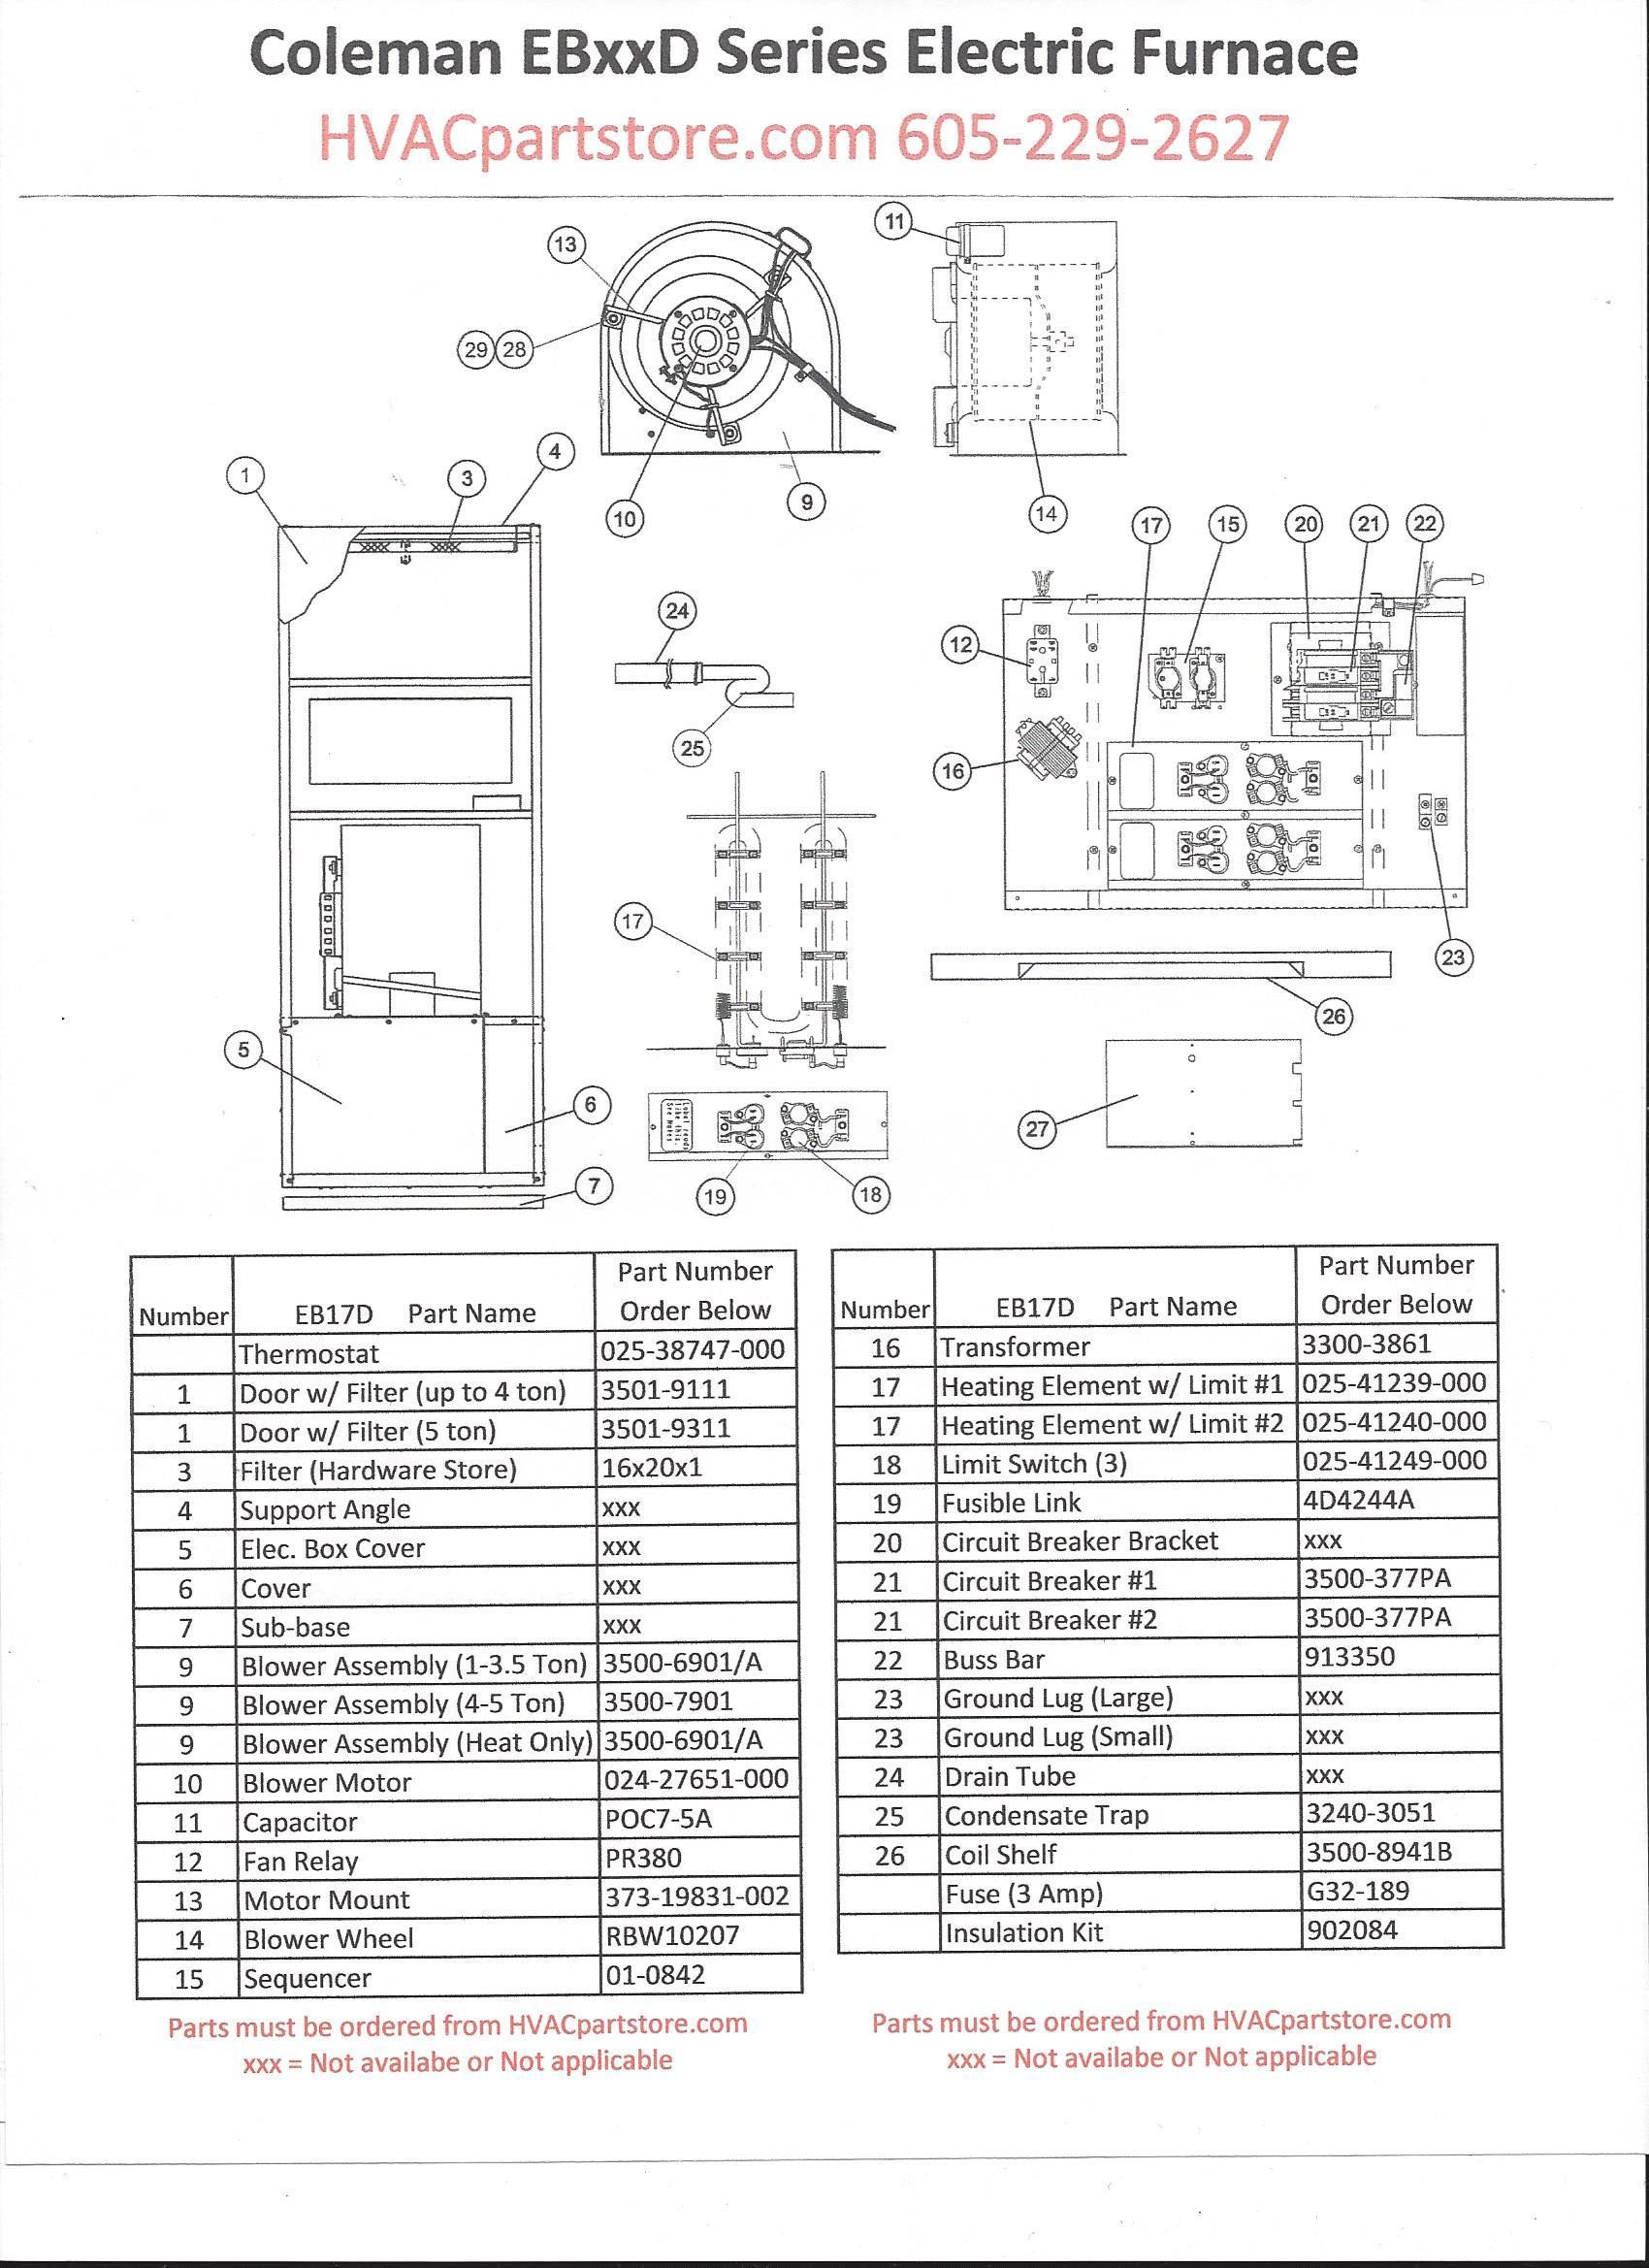 Coleman Furnace Wiring Schematics